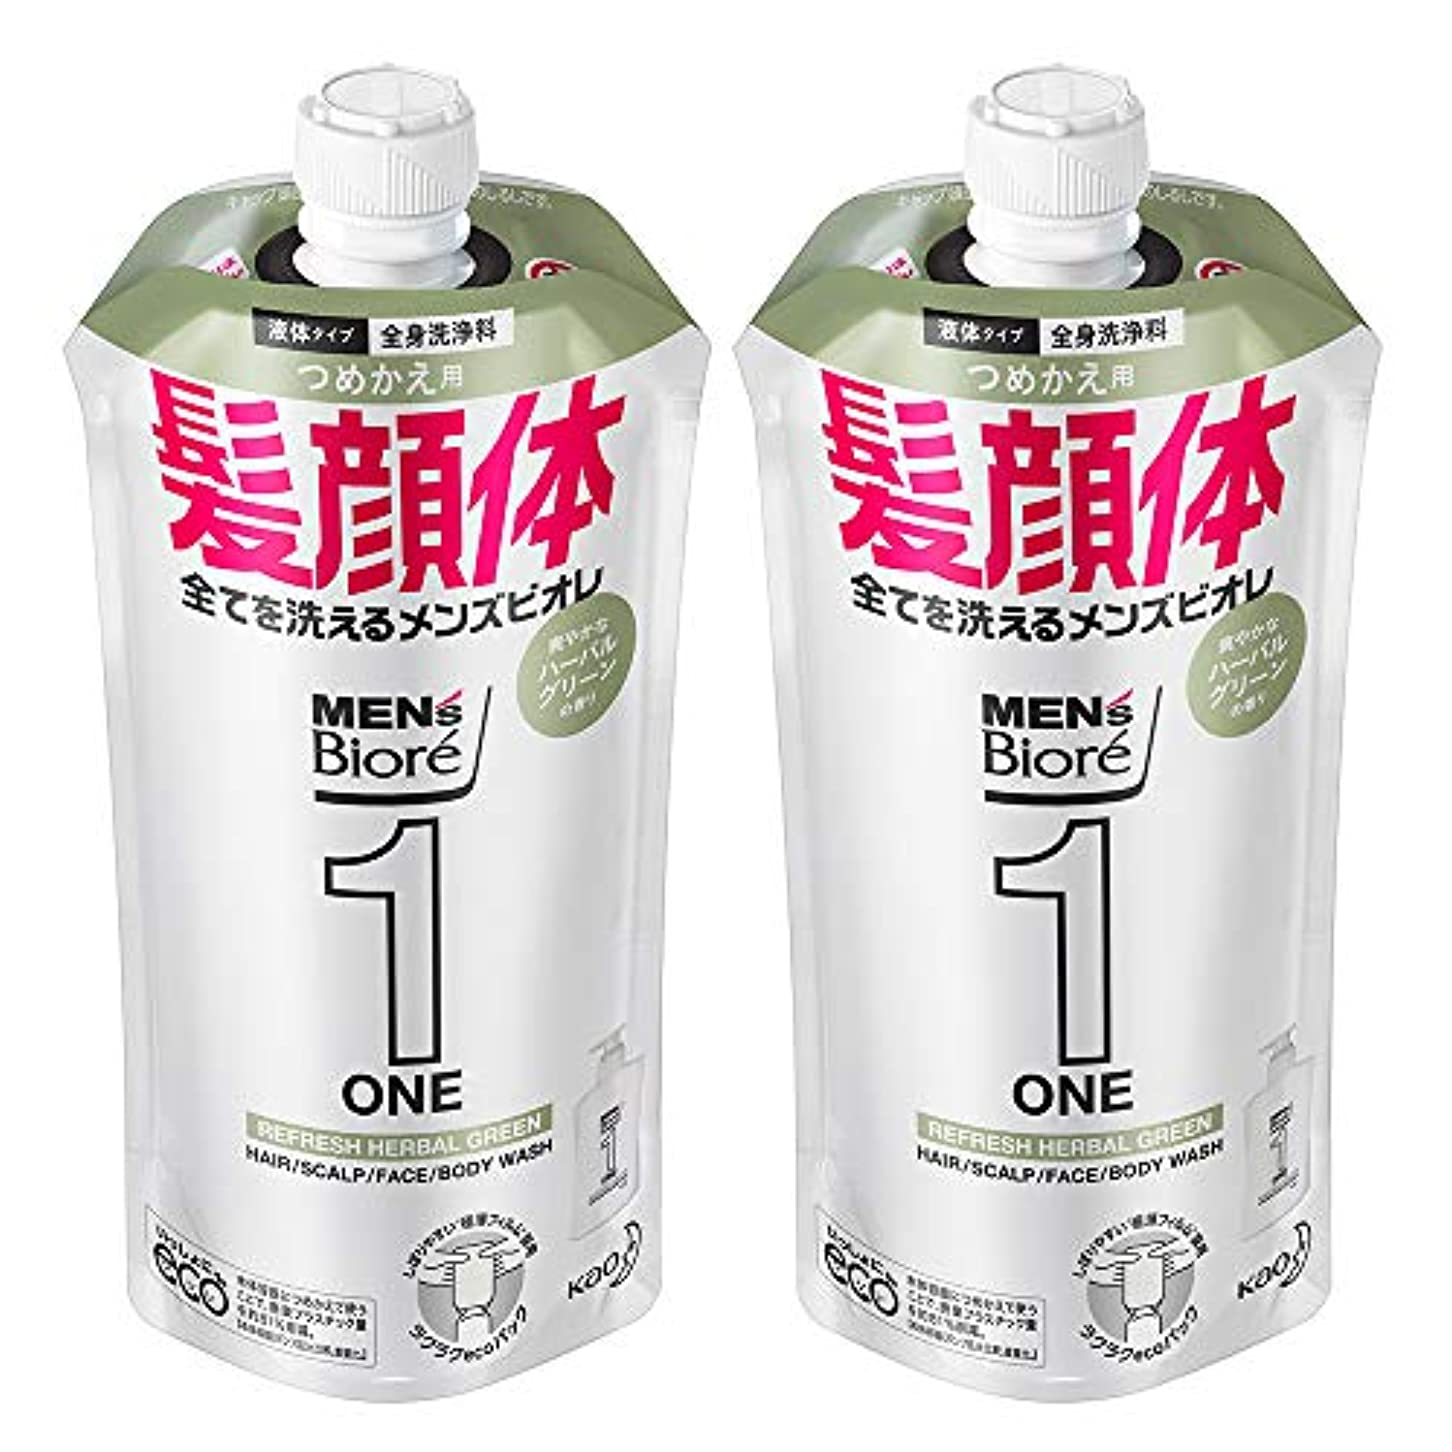 解明代わってロースト【まとめ買い】メンズビオレ ONE オールインワン全身洗浄料 ハーバルグリーンの香り つめかえ用 340ml×2個